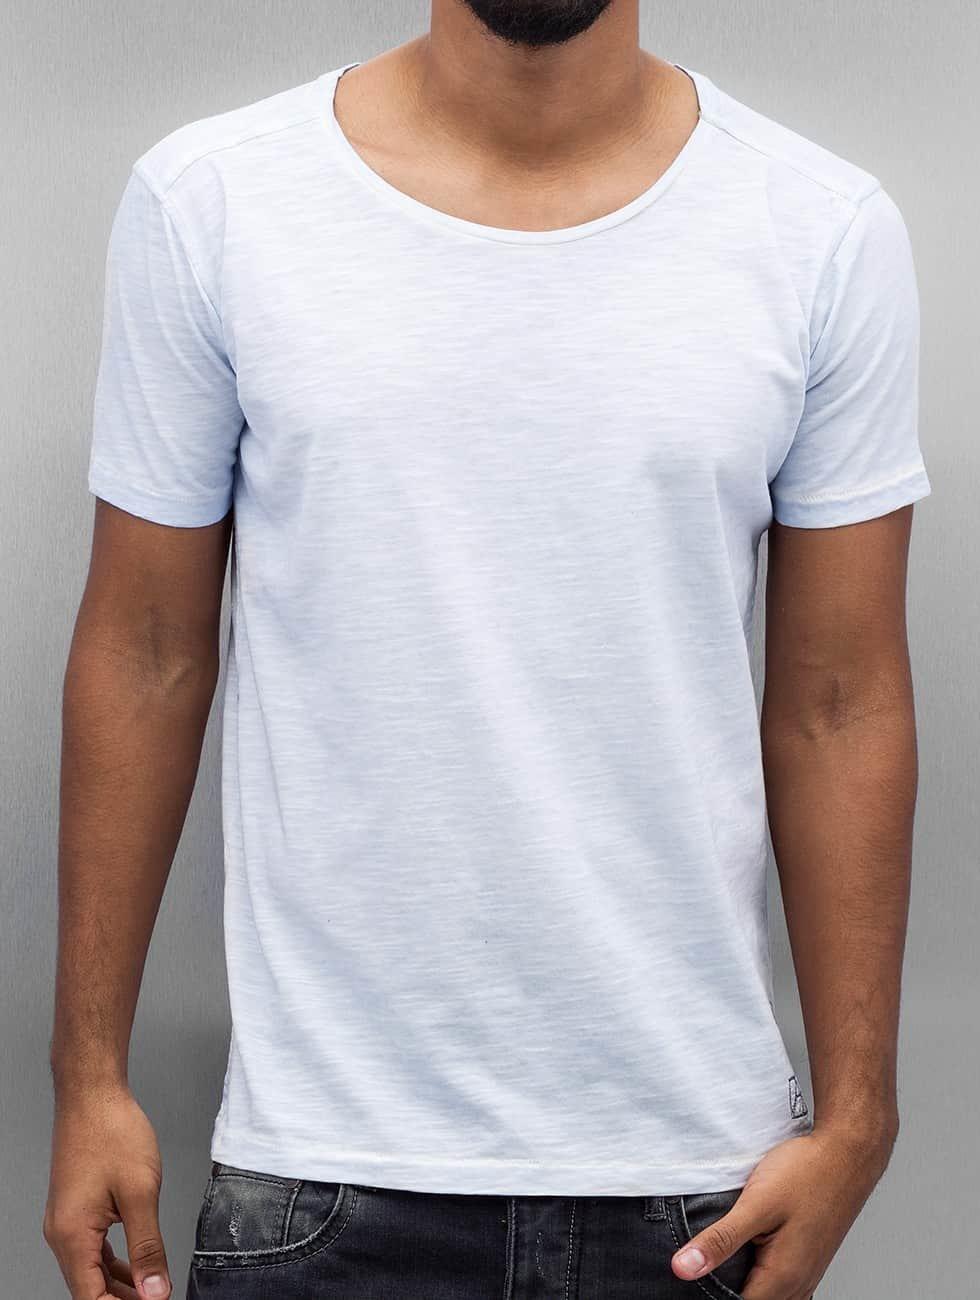 Amsterdenim T-Shirt Tommy Pishok blue